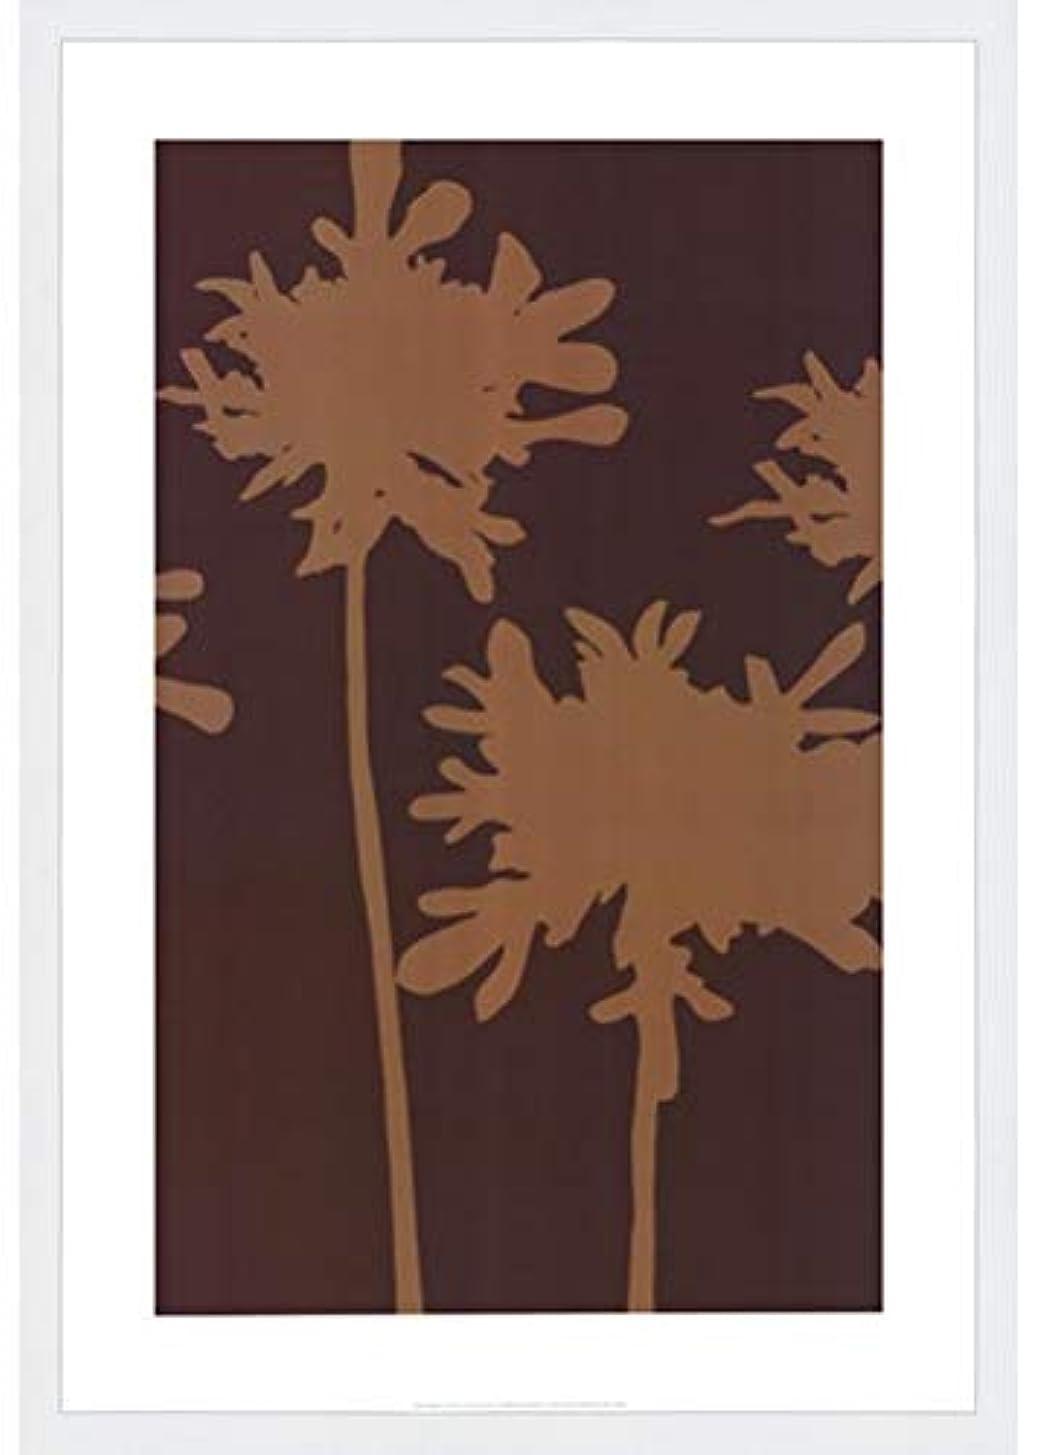 み妖精予想するPompom Cinnamon (Reverse) by Denise Duplock – 20 x 28インチ – アートプリントポスター 16 x 24 Inch LE_206940-F8989-20x28